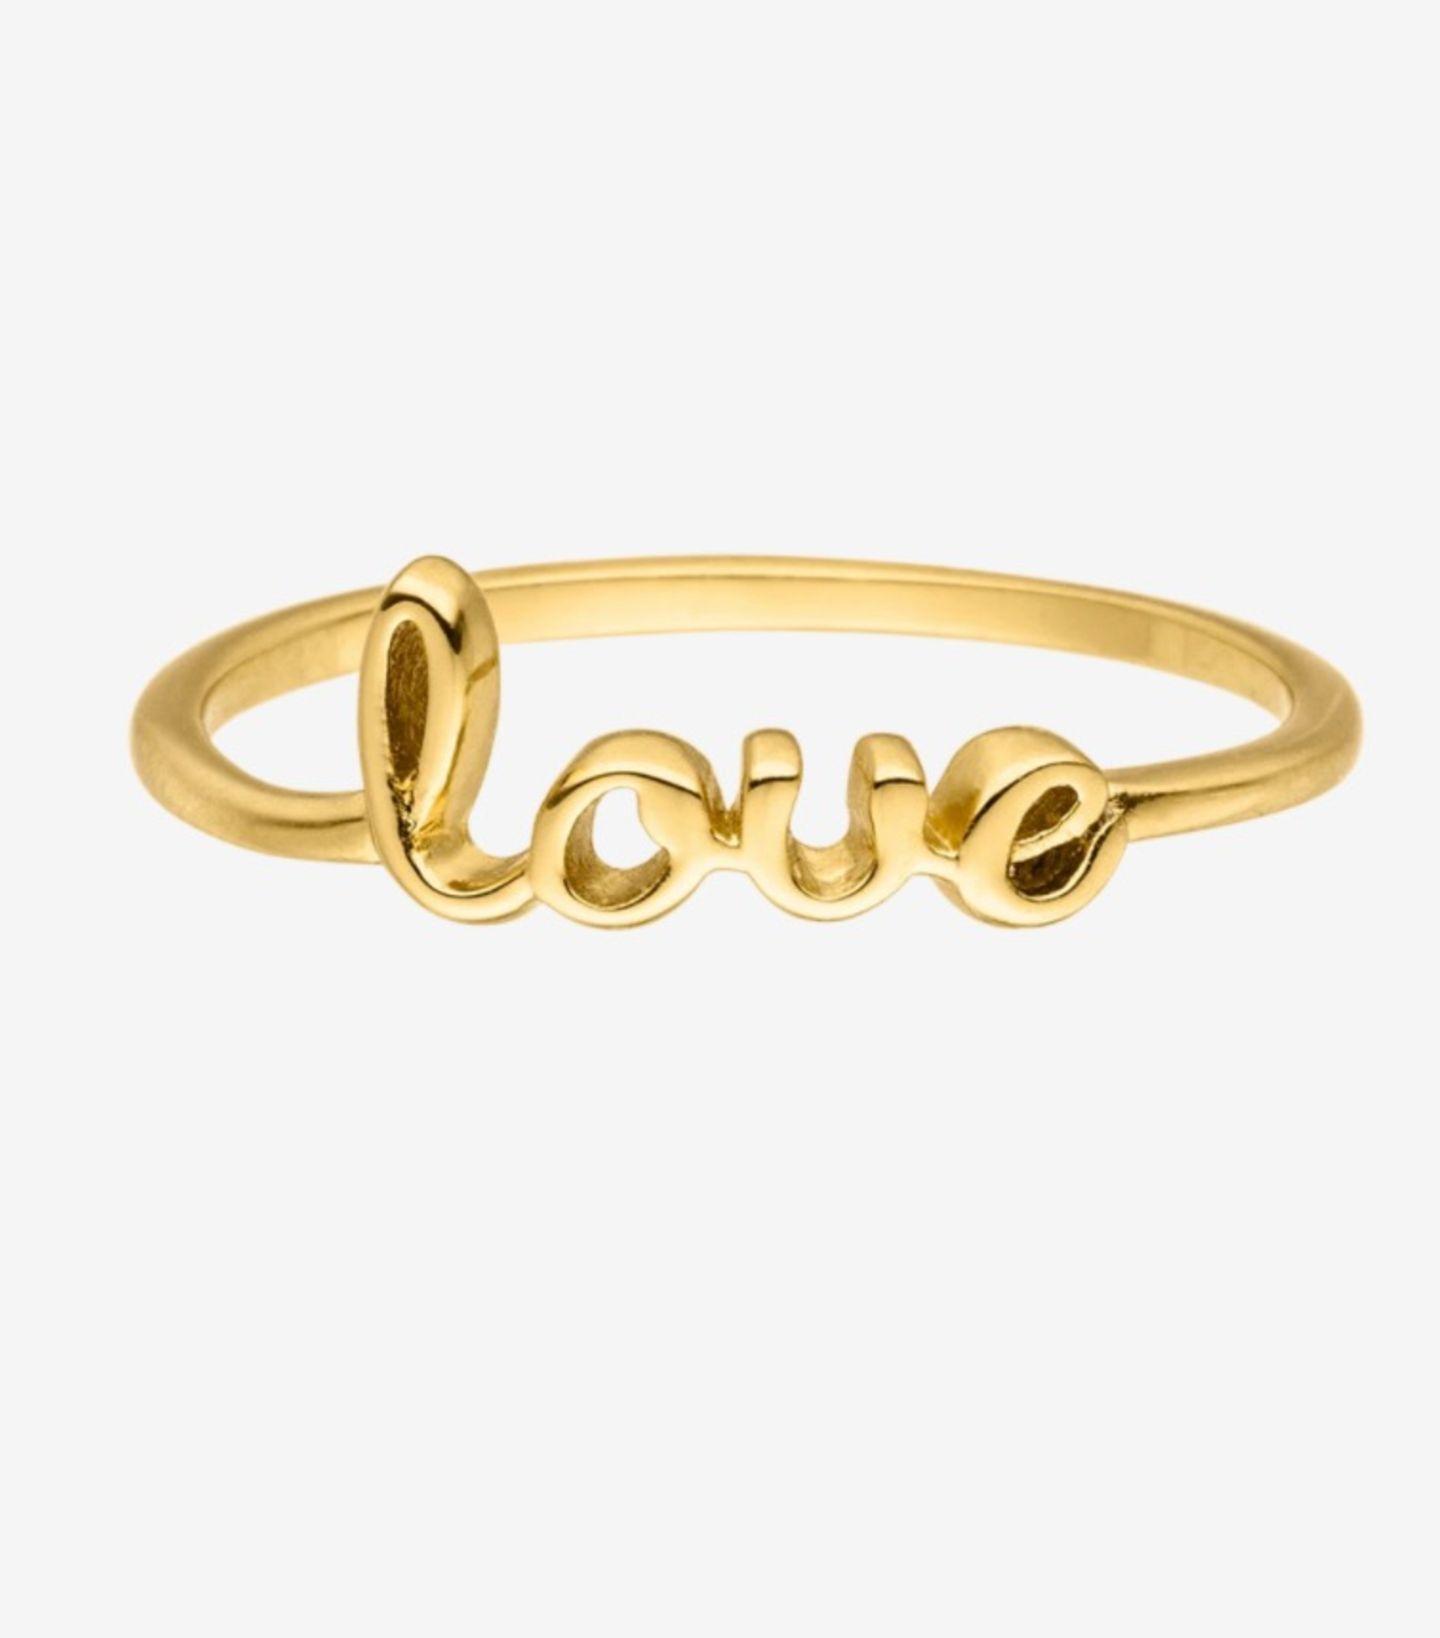 Erinnert ein bisschen an das ikonische Schmuckstück von Tiffany & Co.,ist aber viiiel günstiger. Ein romantisches Statement setzt ihr mit dieser vergoldeten Variantein jedem Fall. Von Faye für 35 Euro.